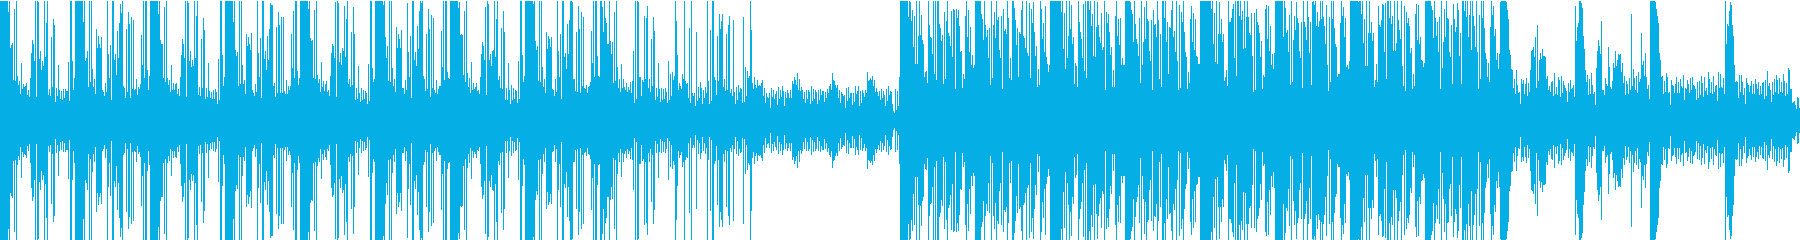 シリアスな雰囲気のBGMの再生済みの波形